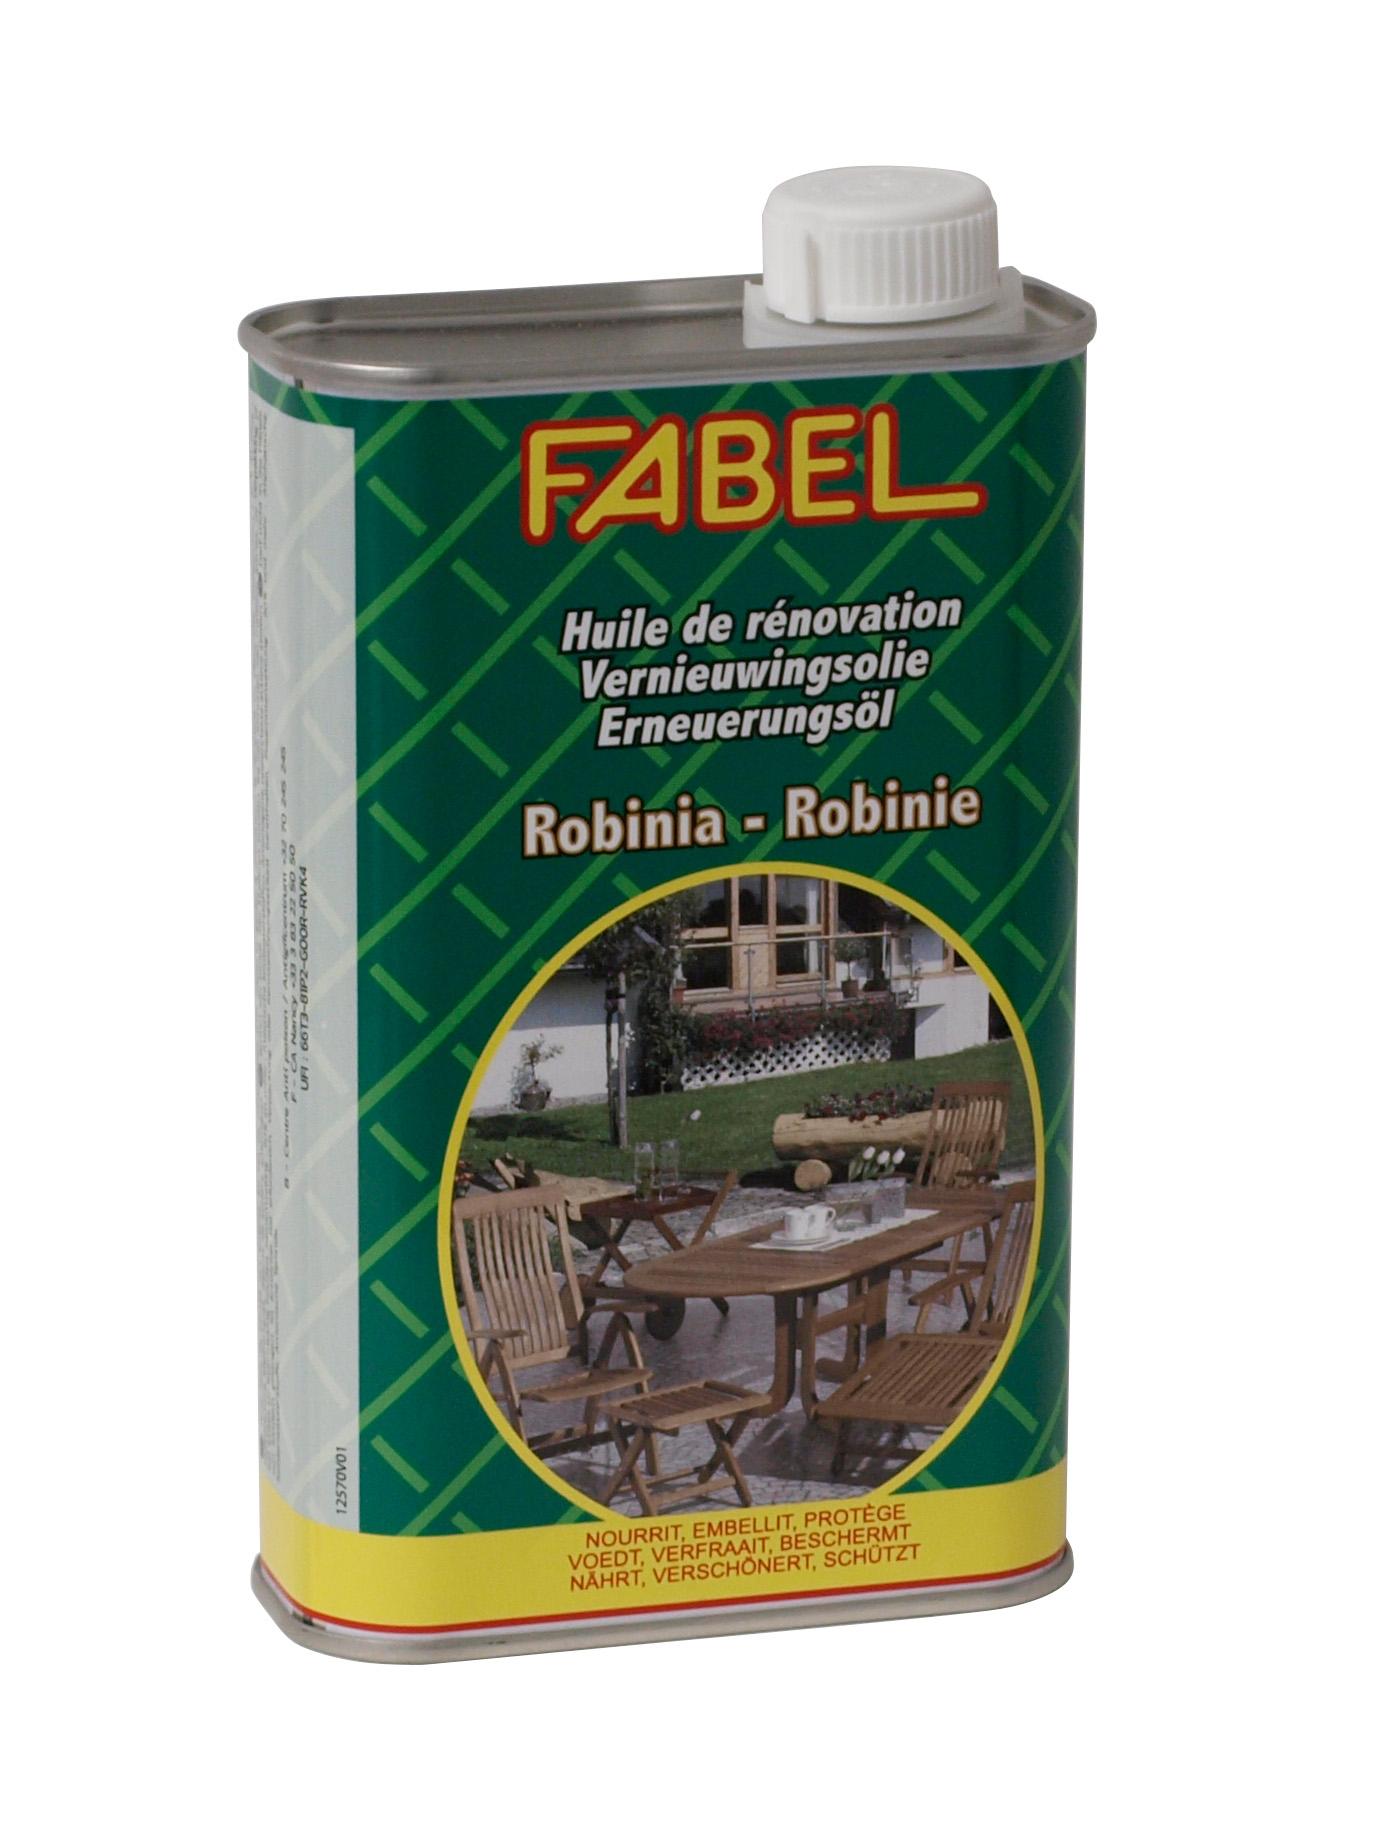 Spezial-Pflegeöl für Gartenmöbel aus Robinienholz von FABEL, 500ml